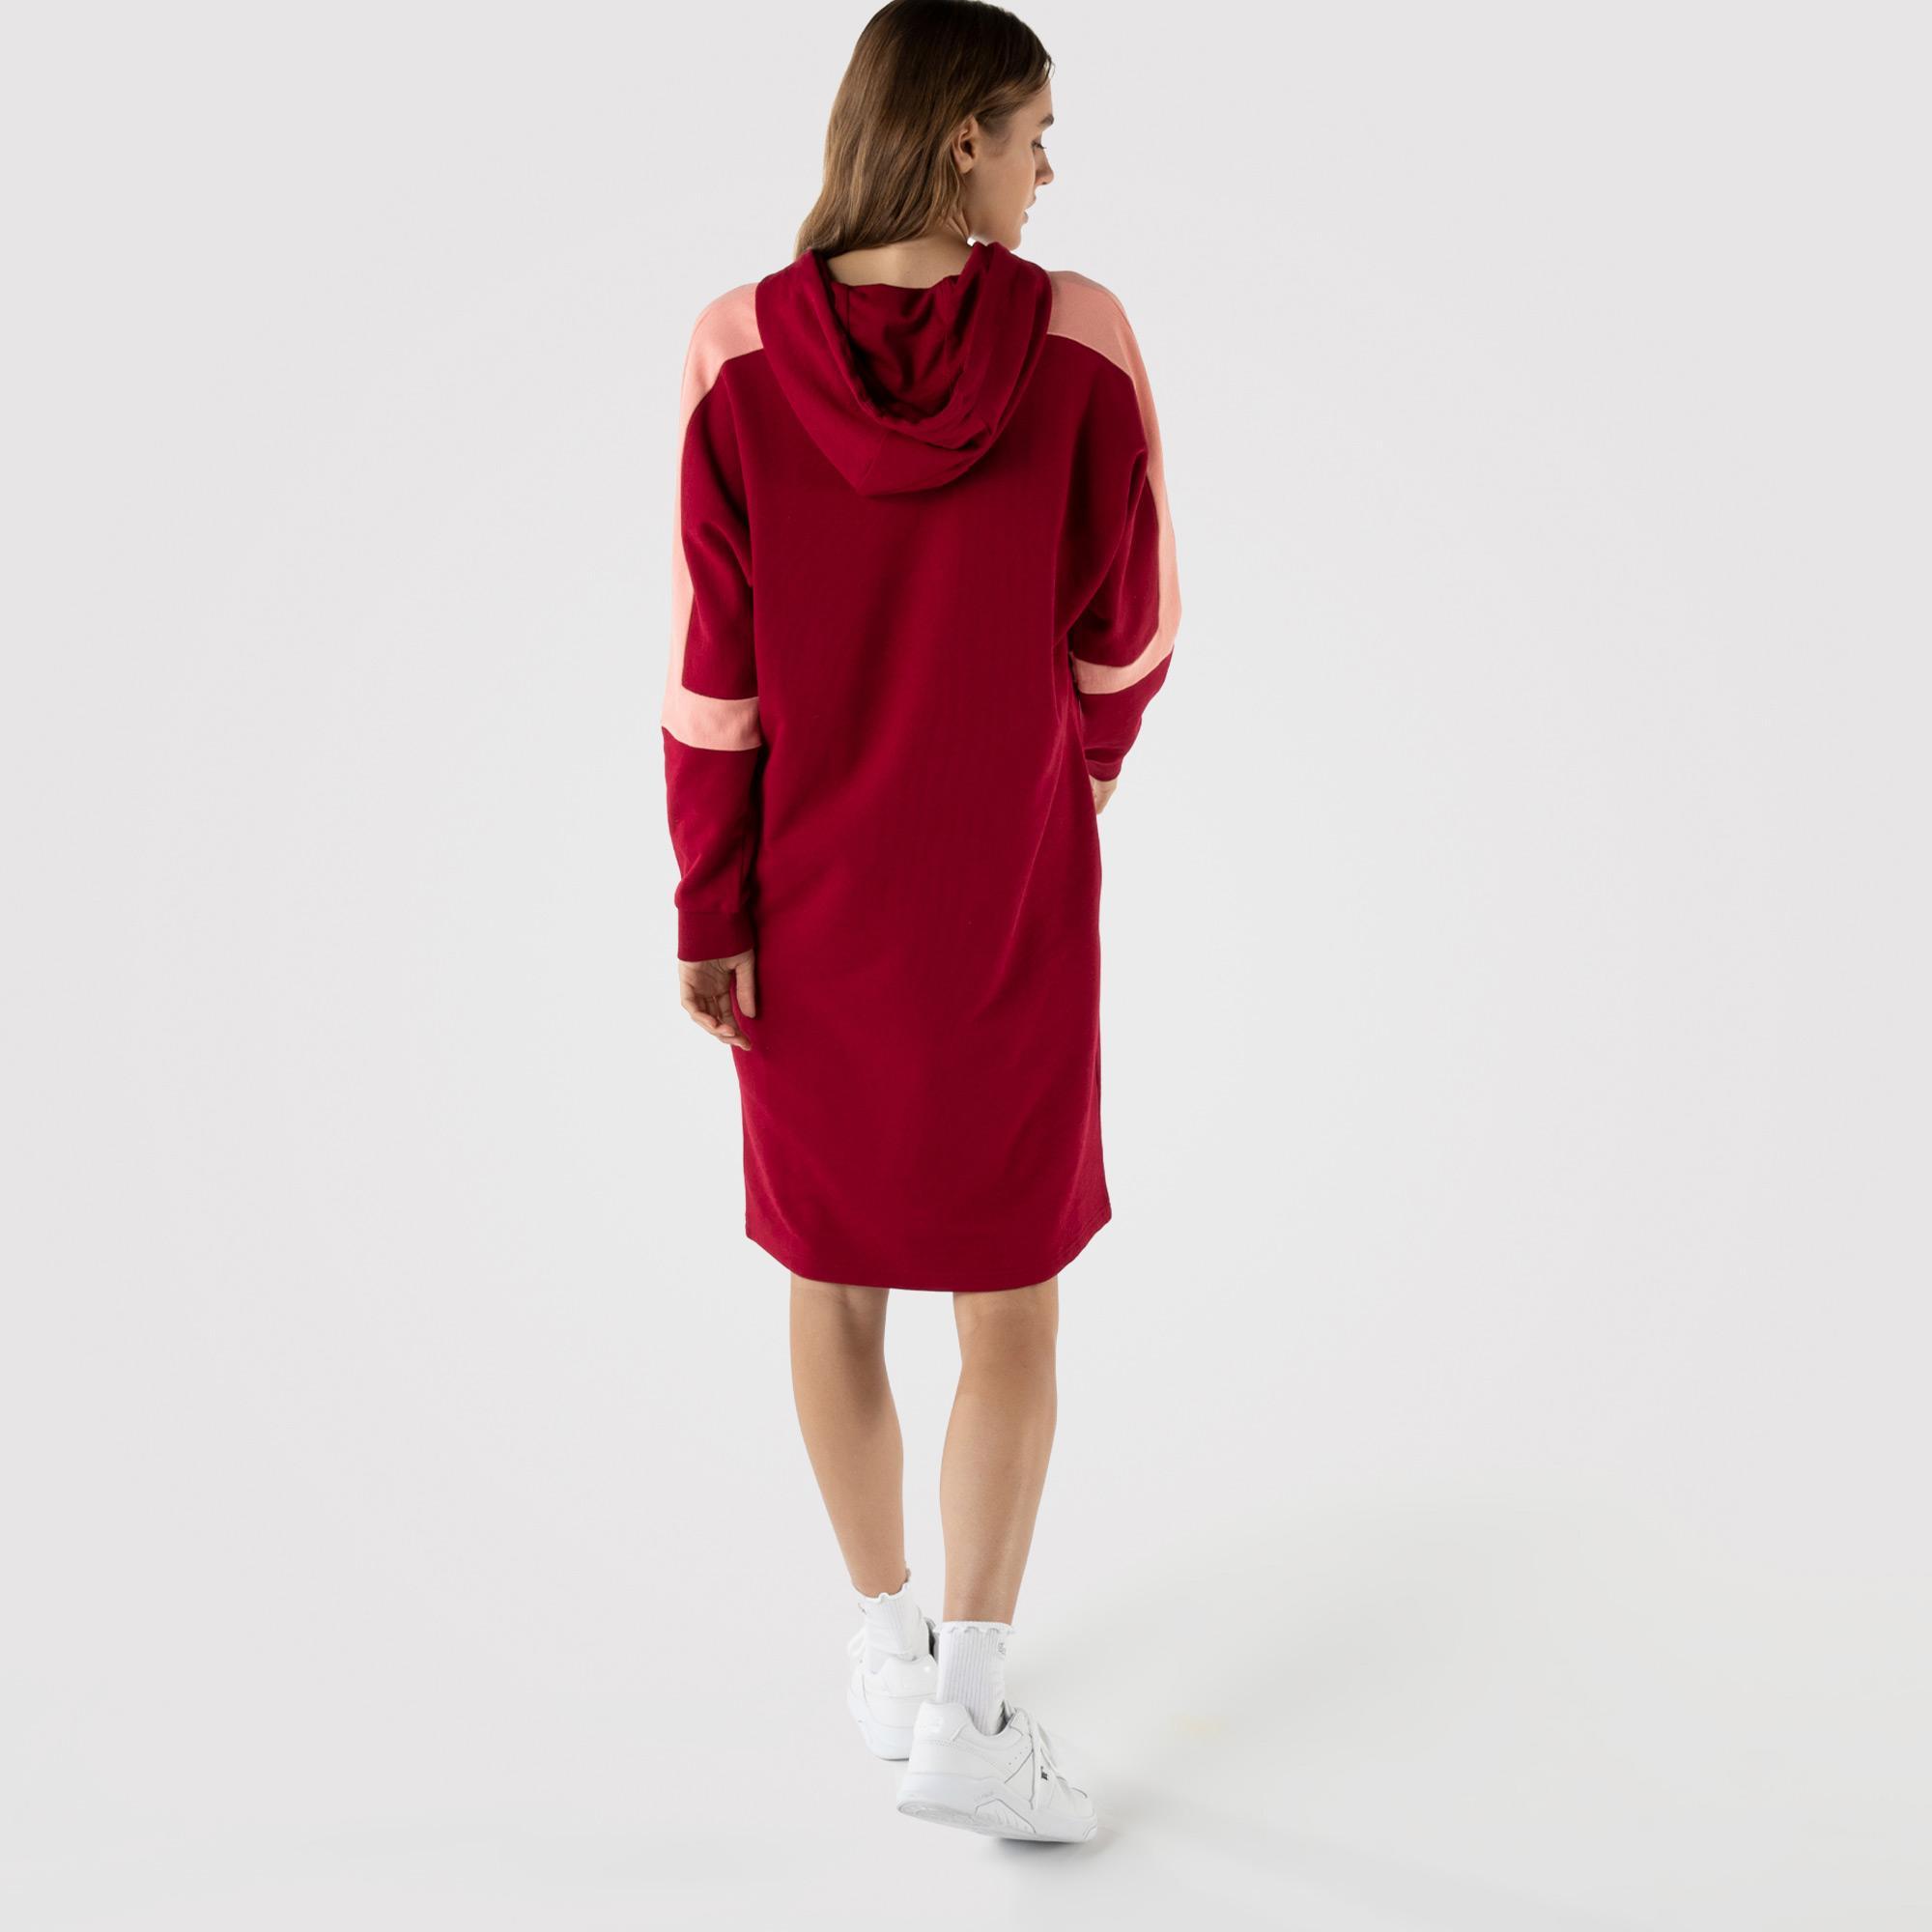 Lacoste Kadın Loose Fit Uzun Kollu Kapüşonlu Renk Bloklu Kırmızı Elbise